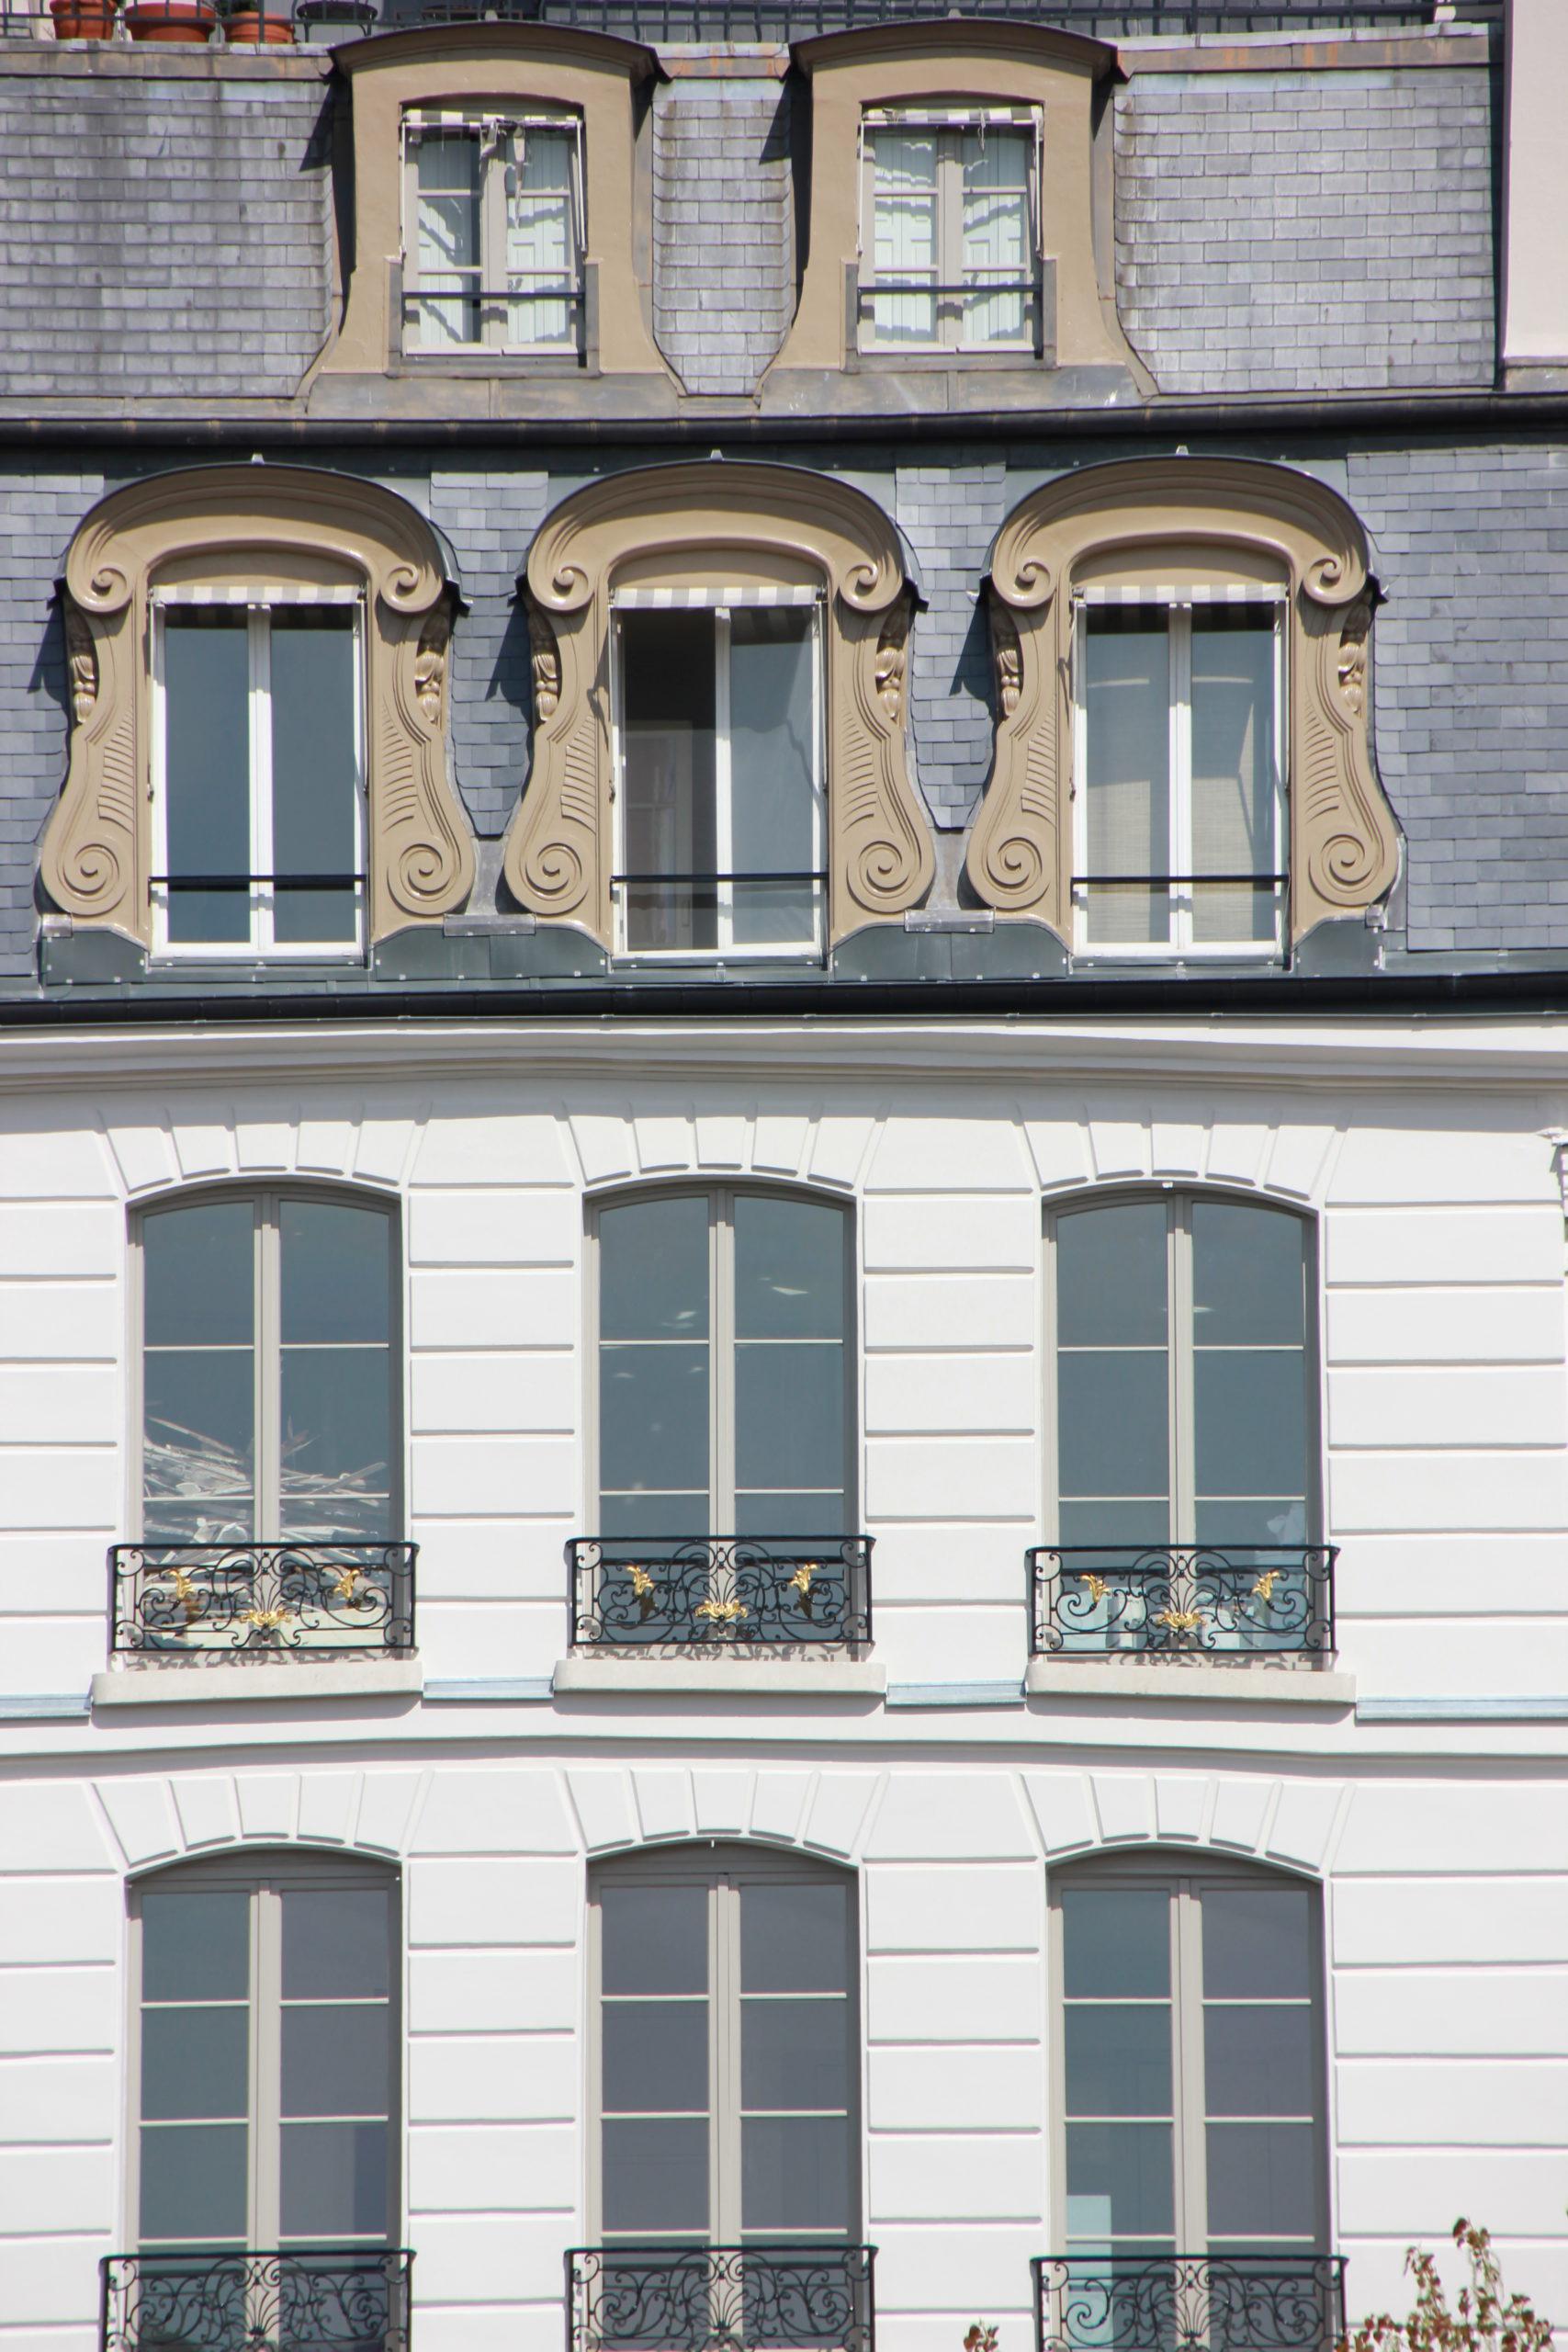 68 quai des orfèvres 75001 Paris